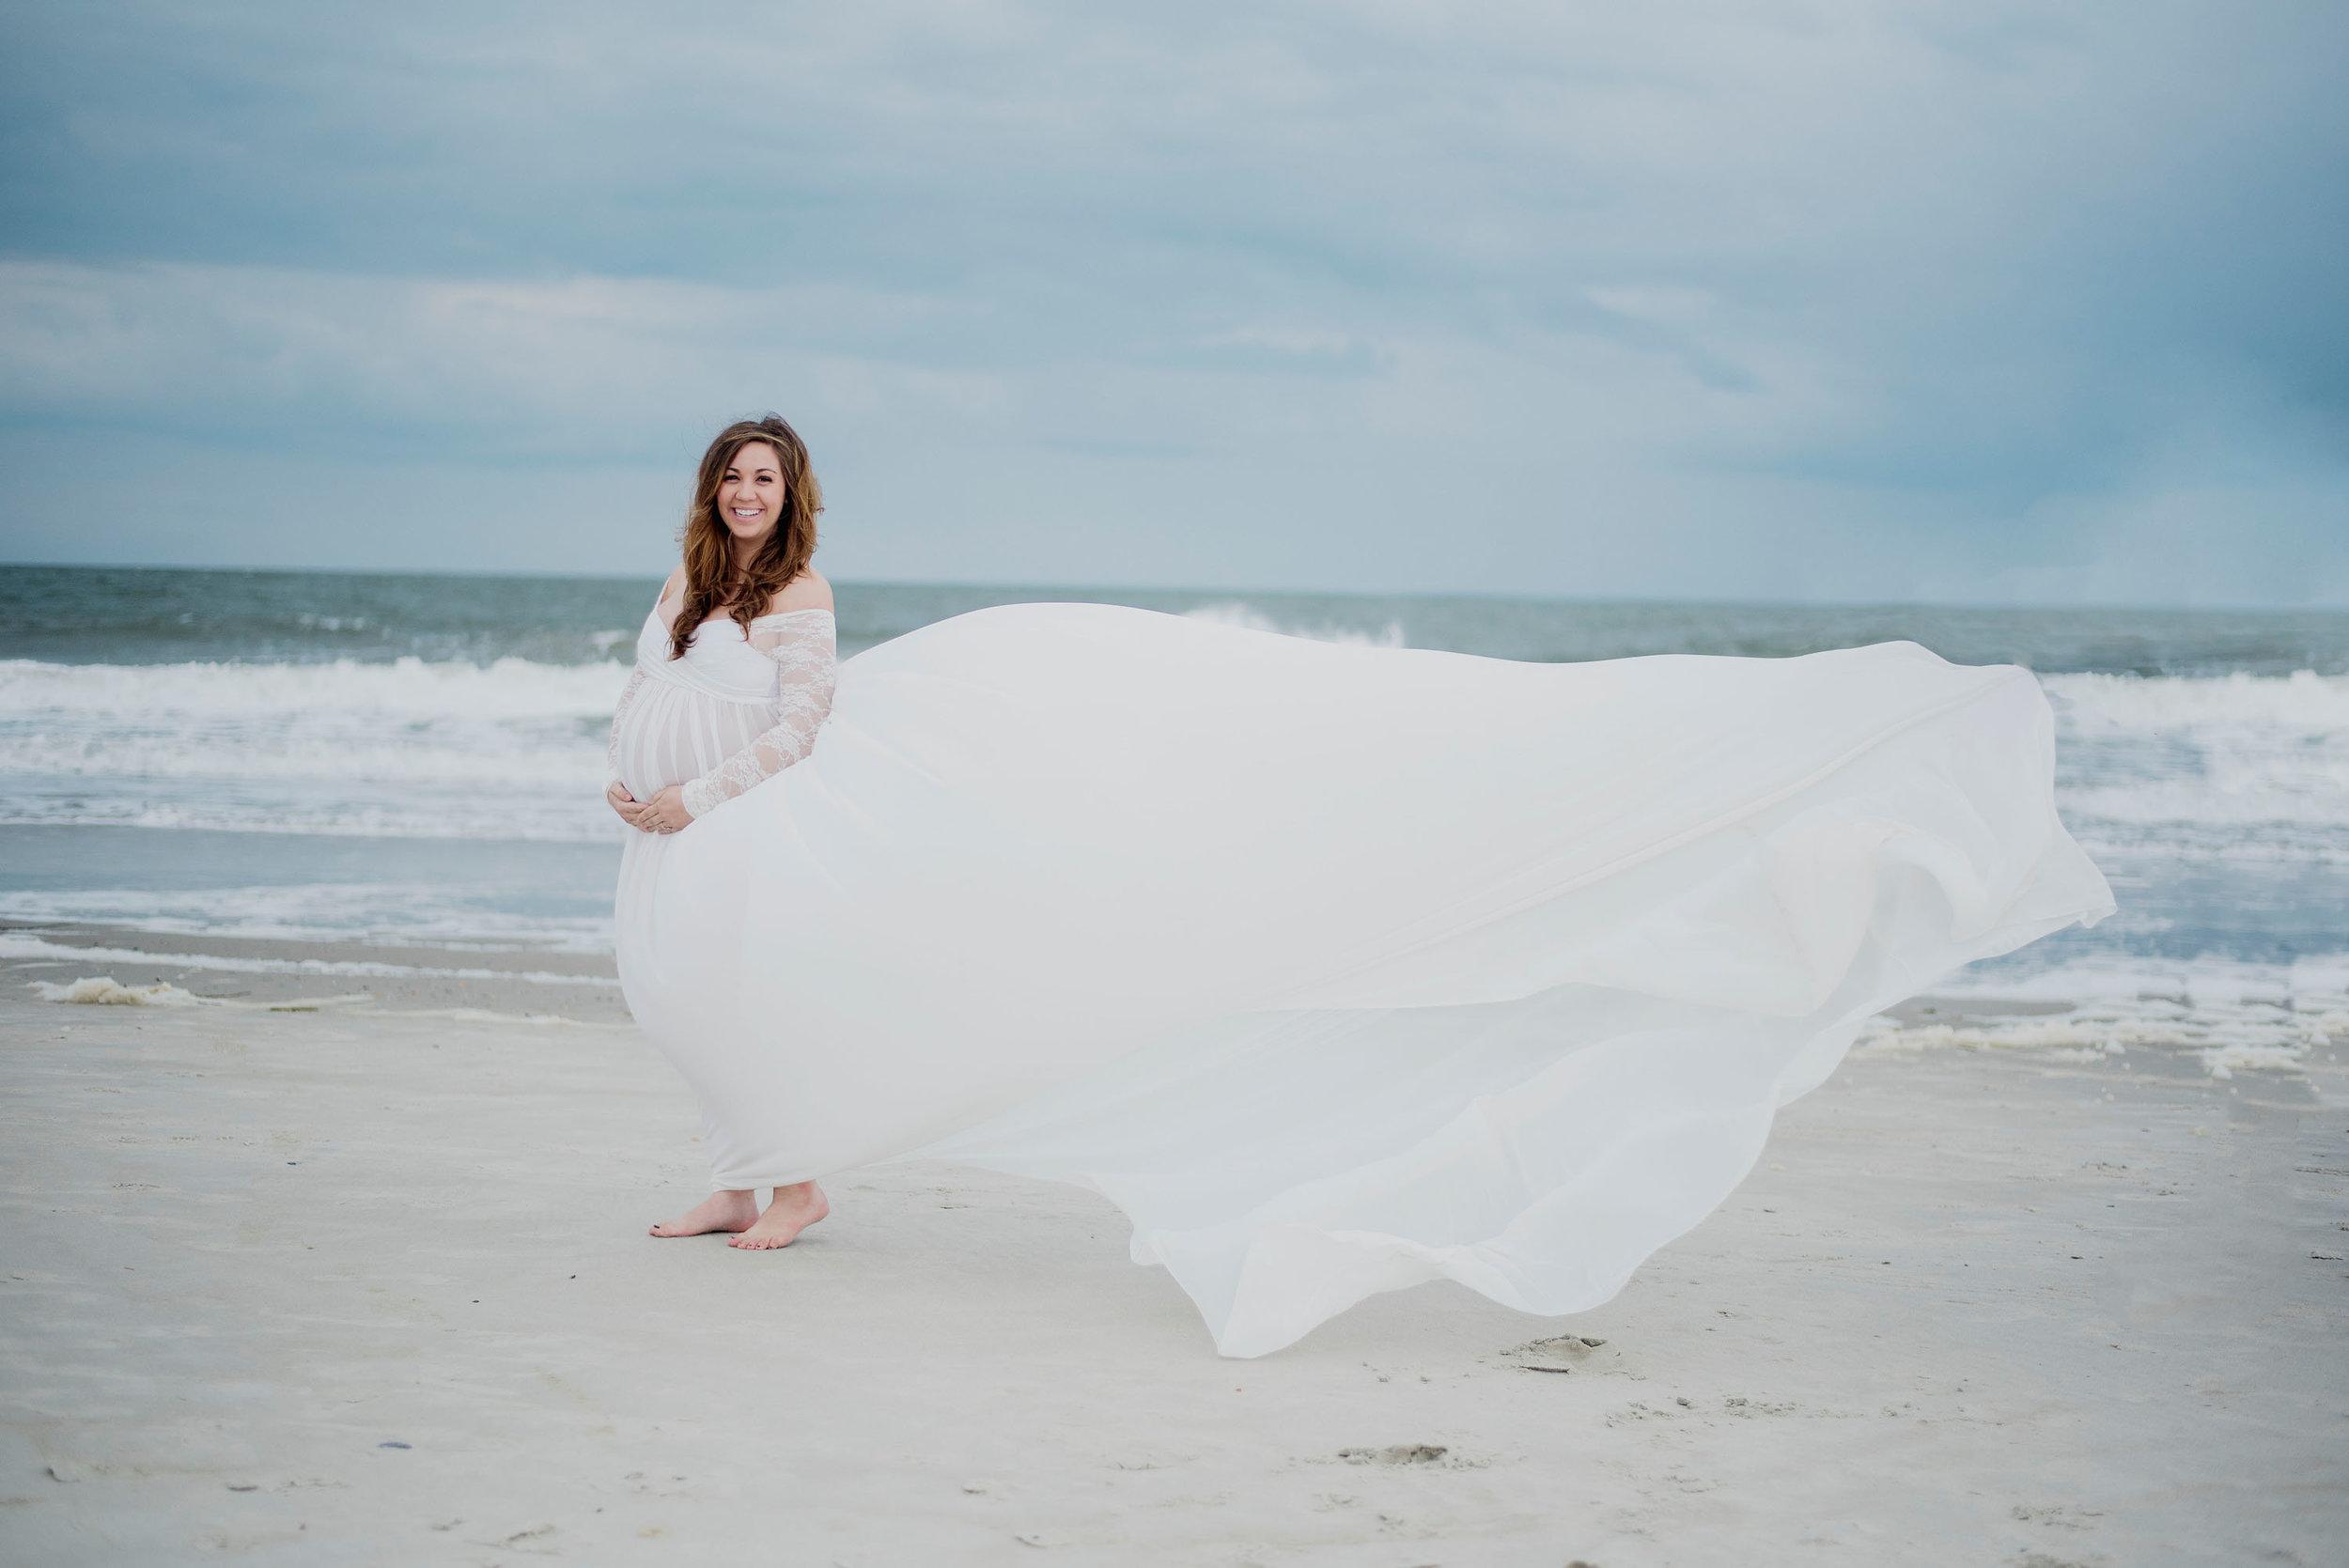 Austin Maternity Photographer Tybee Beach Savannah GA Destination Glamour Whimsical055.jpg